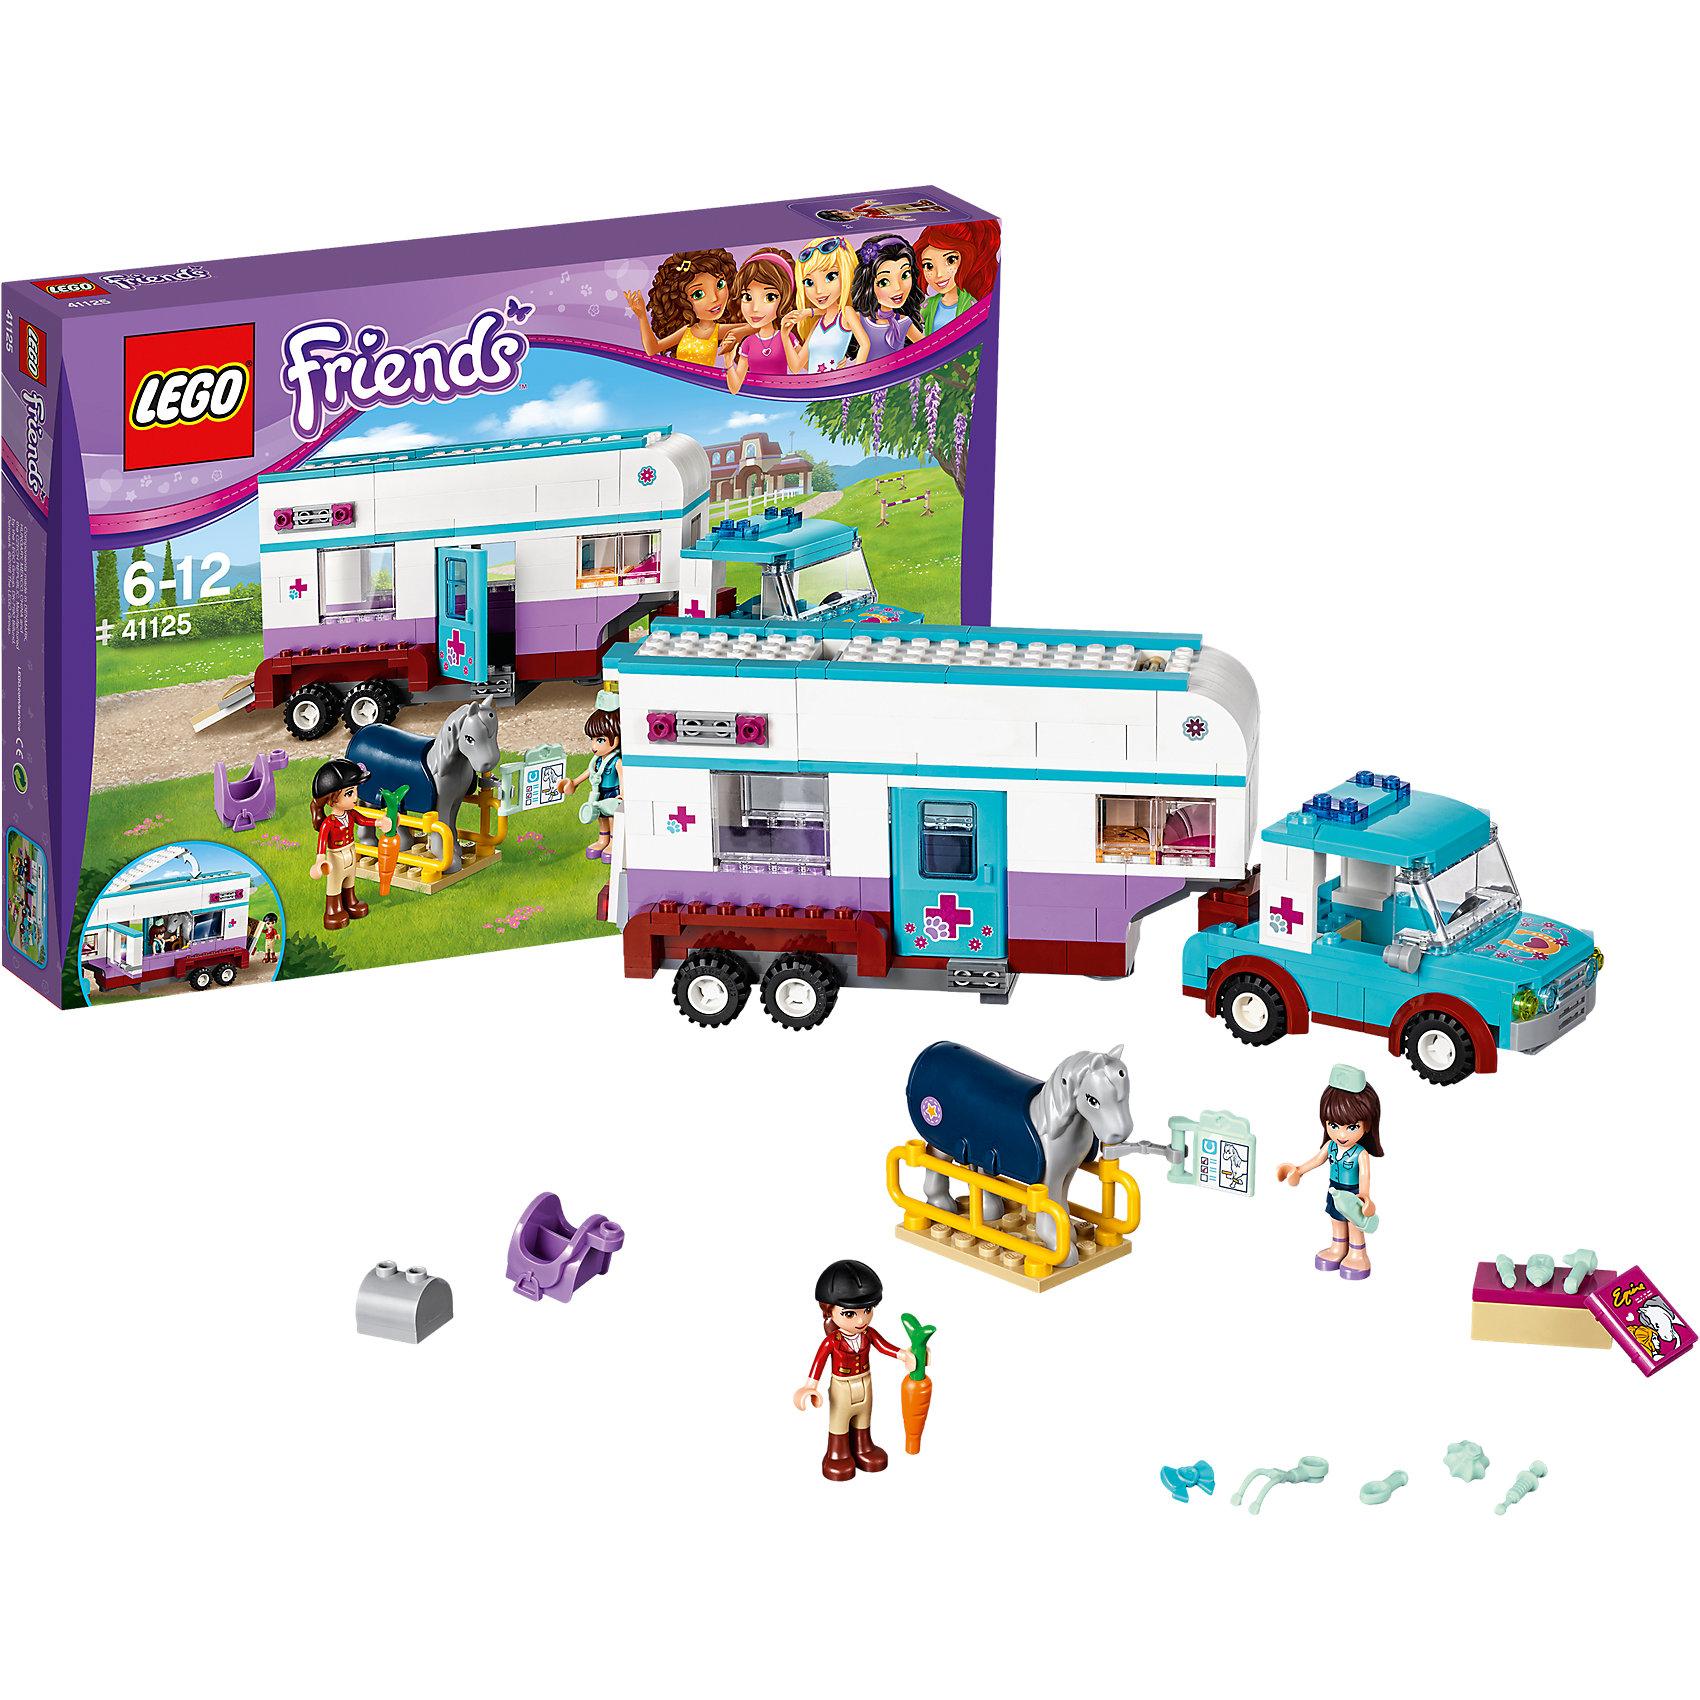 LEGO Friends 41125: Ветеринарная машина для лошадокПластмассовые конструкторы<br>Игры с конструктором обожает множество современных девочек, поэтому набор Лего, из которого можно собрать разные сюжеты про героев и её приключения, обязательно порадует ребенка. Такие игрушки помогают детям развивать воображение, мелкую моторику, логику и творческое мышление.<br>Набор состоит из множества деталей, с помощью которых можно  собрать декорации для игр, а также в нем есть фигурки любимых персонажей! С таким комплектом можно придумать множество игр!<br><br>Дополнительная информация:<br><br>цвет: разноцветный;<br>размер коробки: 35 x 29 x 5 см;<br>вес: 1000 г;<br>материал: пластик;<br>количество деталей: 370.<br><br>Набор Ветеринарная машина для лошадок от бренда LEGO Friends можно купить в нашем магазине.<br><br>Ширина мм: 382<br>Глубина мм: 261<br>Высота мм: 58<br>Вес г: 639<br>Возраст от месяцев: 72<br>Возраст до месяцев: 144<br>Пол: Женский<br>Возраст: Детский<br>SKU: 4641217